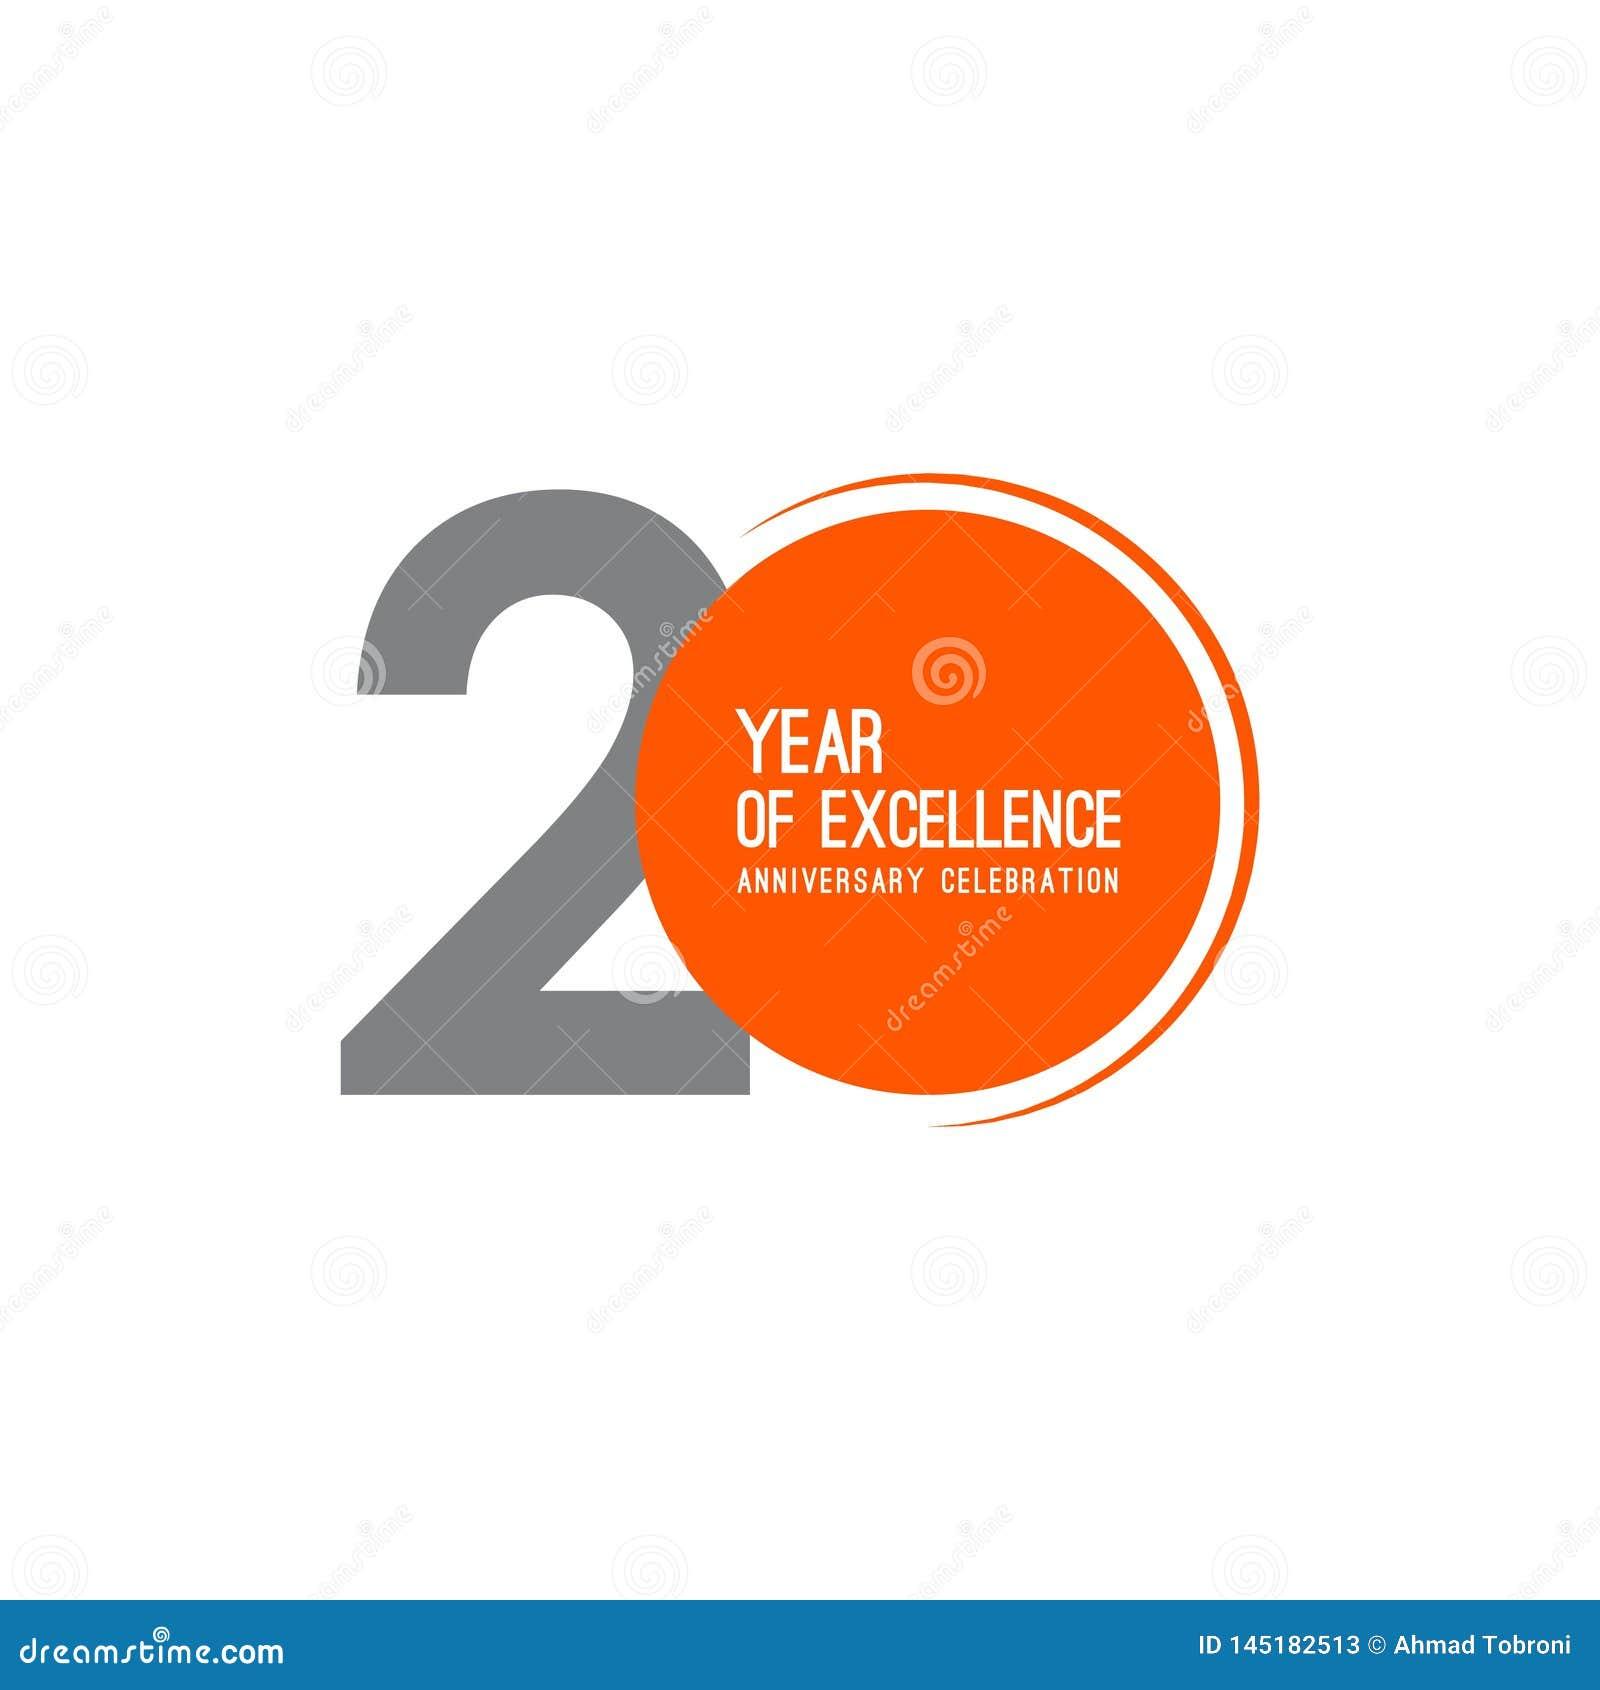 20 años de ejemplo del diseño de la plantilla del vector de la celebración del aniversario de la excelencia